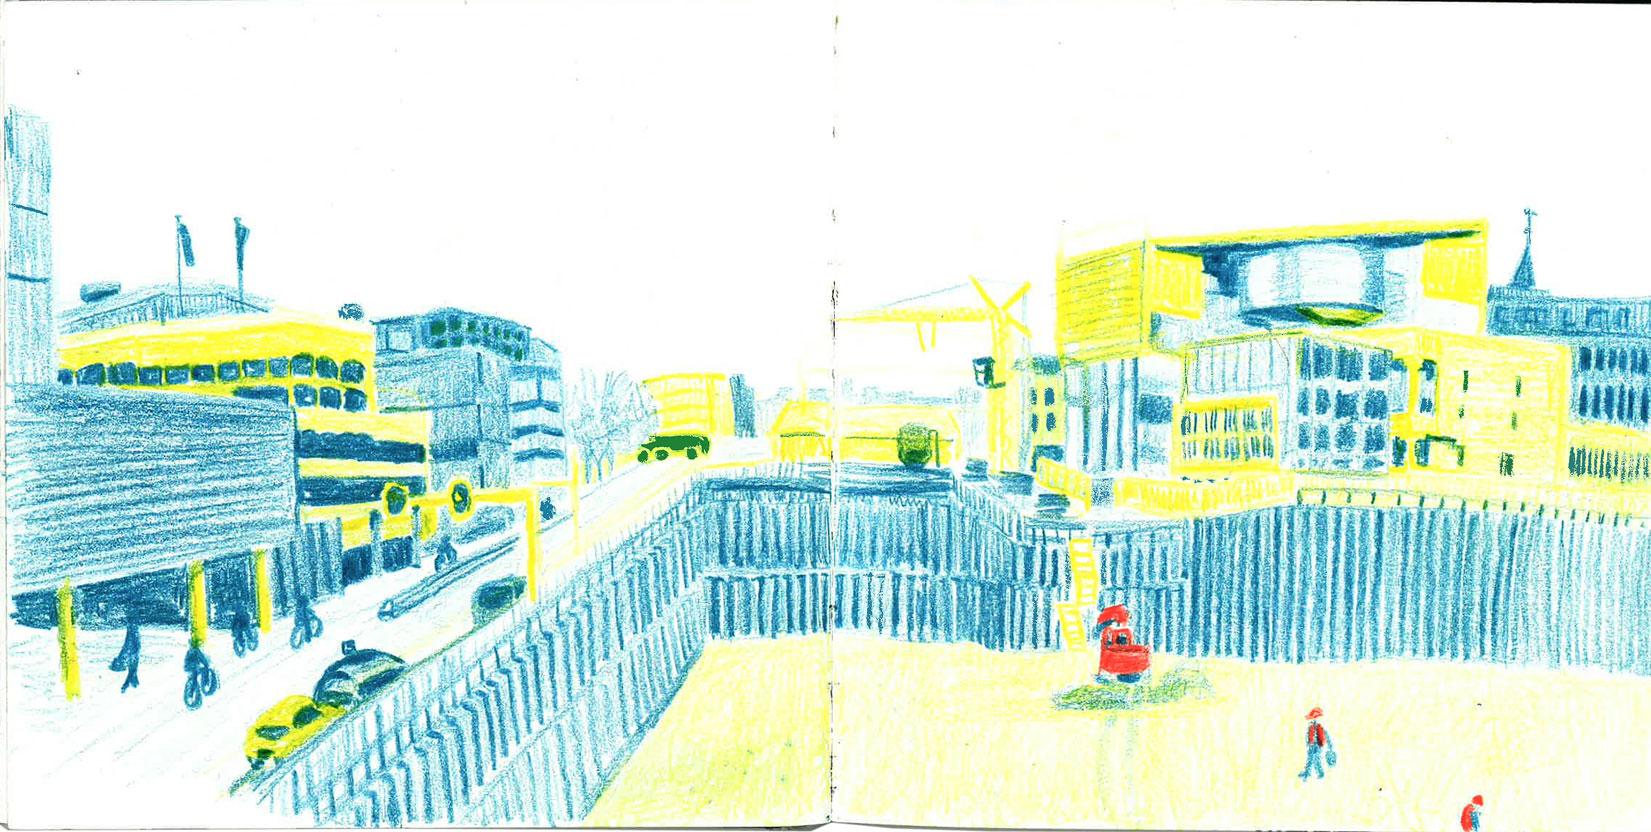 building site in utrecht by ellen vesters illustrator ma childrens book illustration